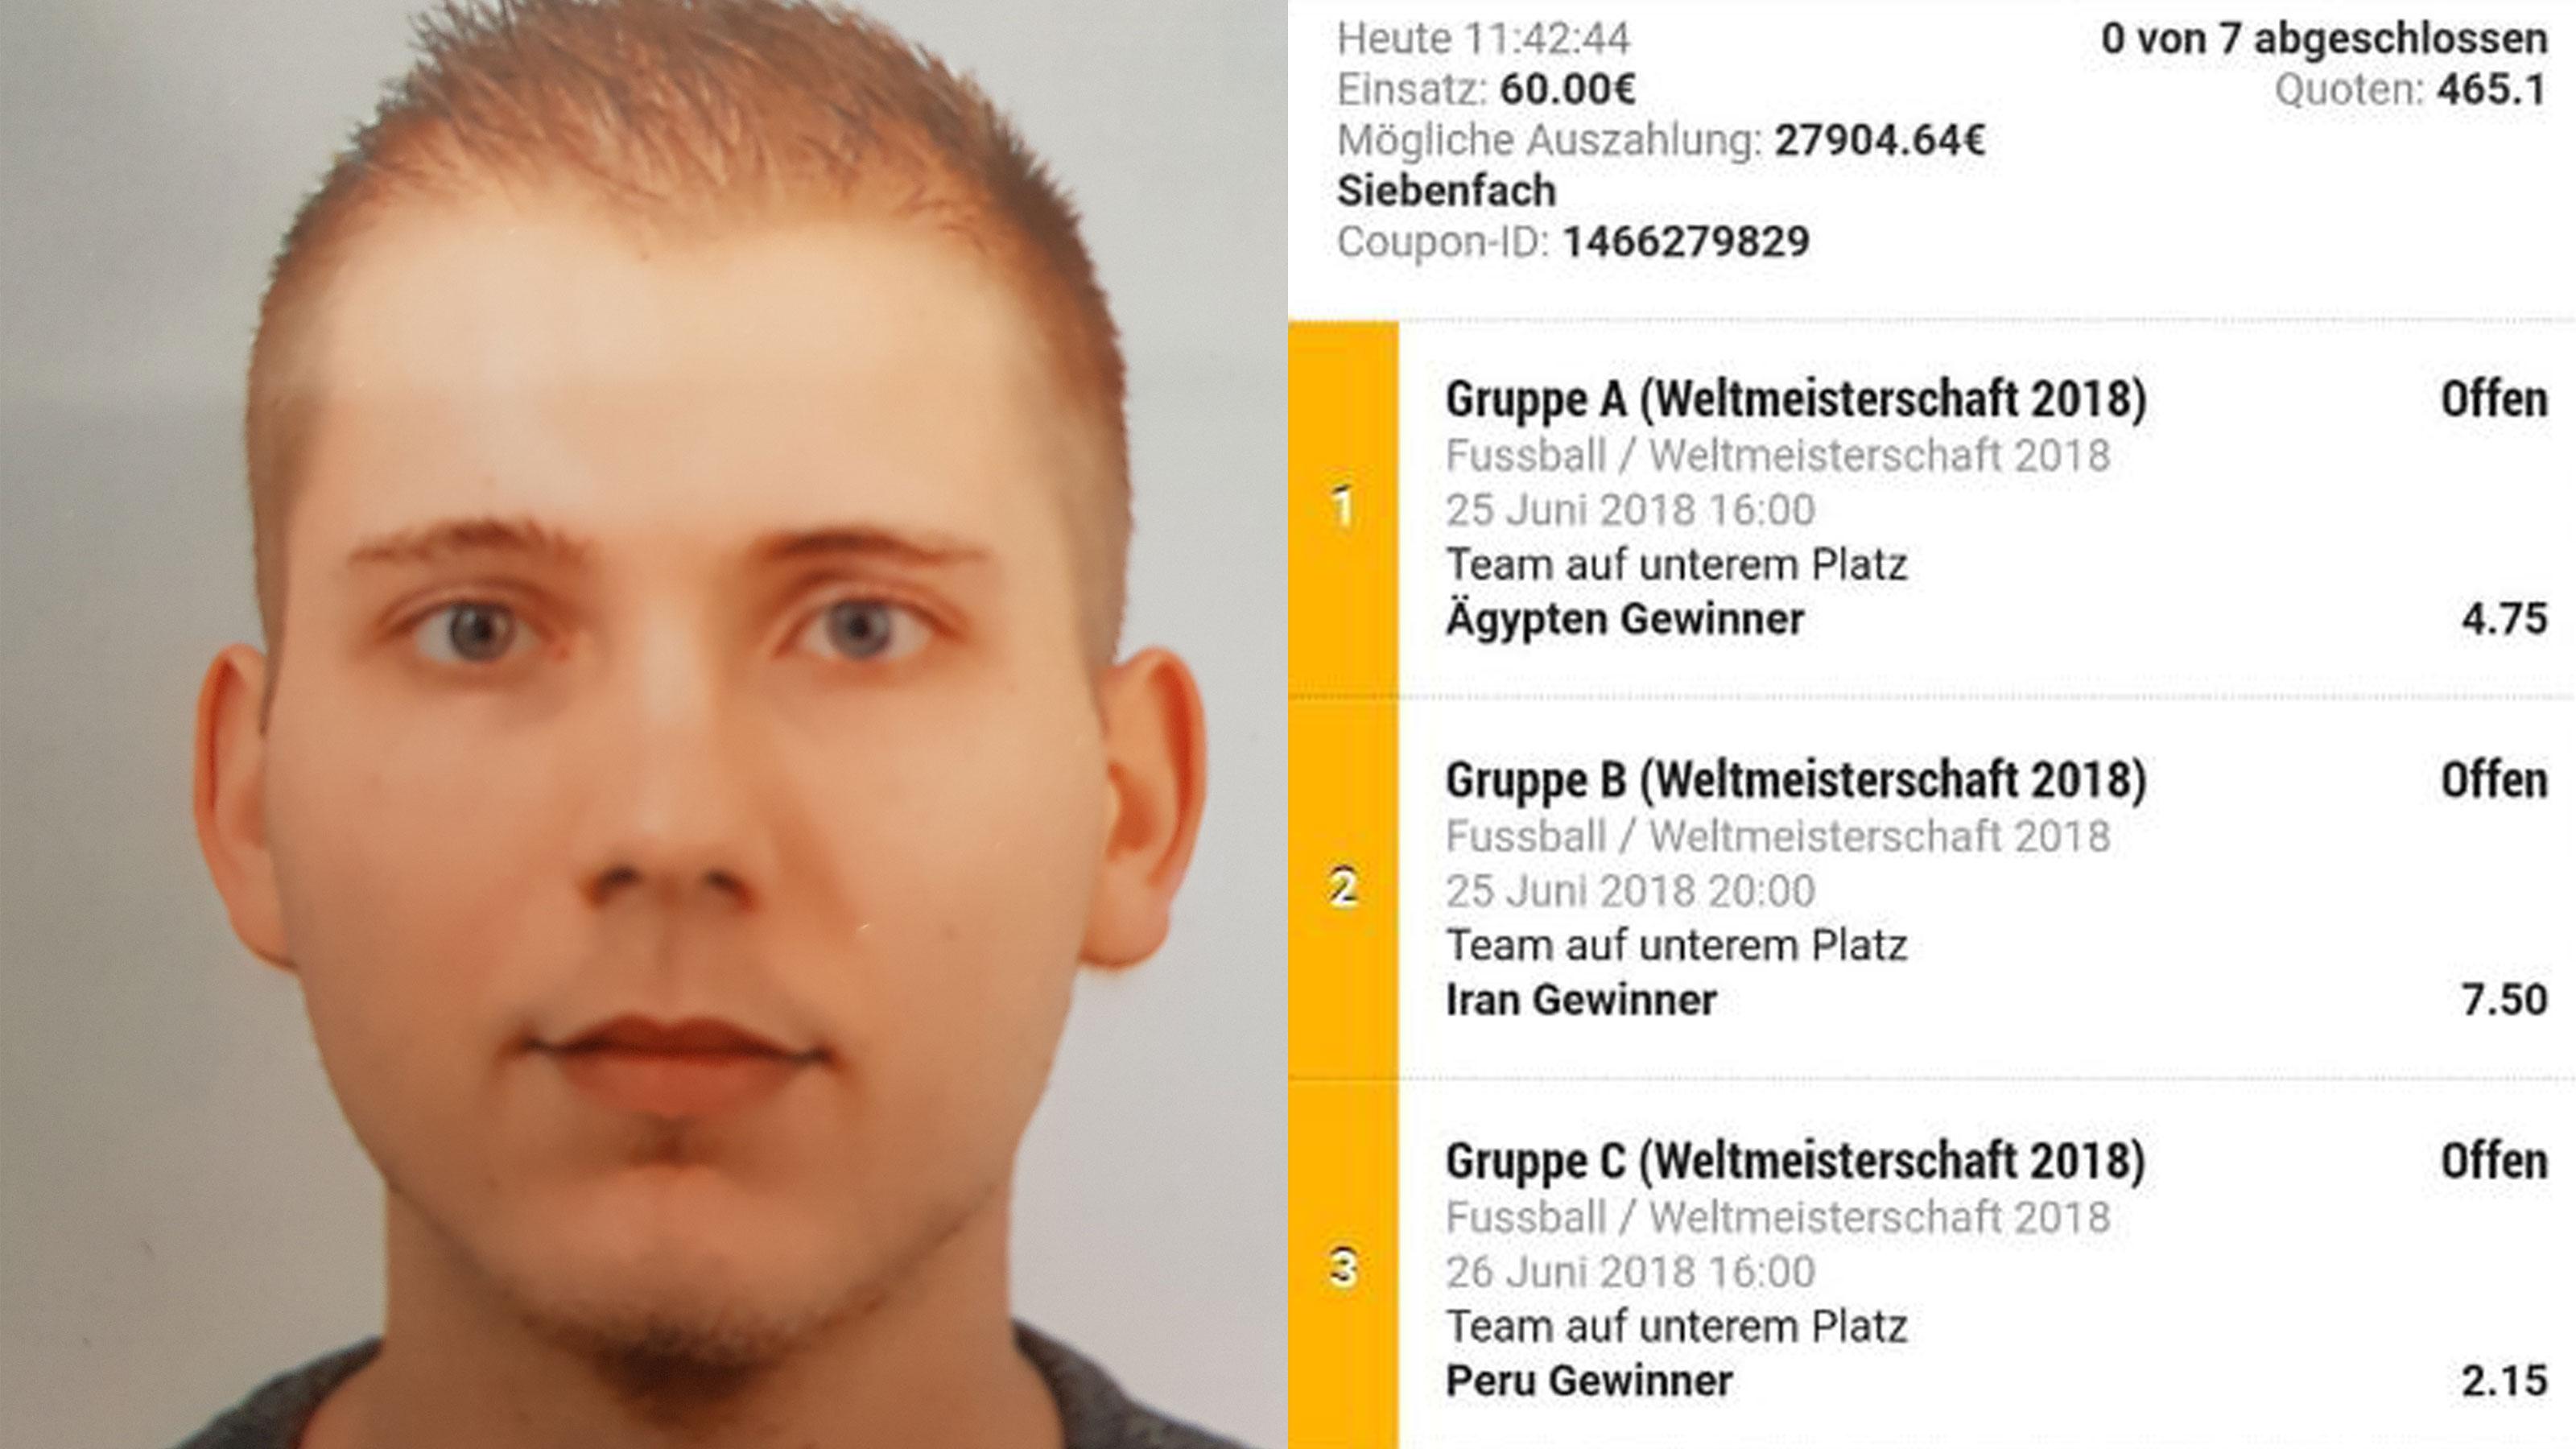 Alexander K. (links) fühlt sich betrogen. Auf der rechten Seite sieht man einen seiner drei Wettscheine, mit denen er gewonnen hat - eigentlich.Die in Aussicht gestellte Auszahlung von fast 28.000 Euro ist in der oberen Spalte links zu sehen.